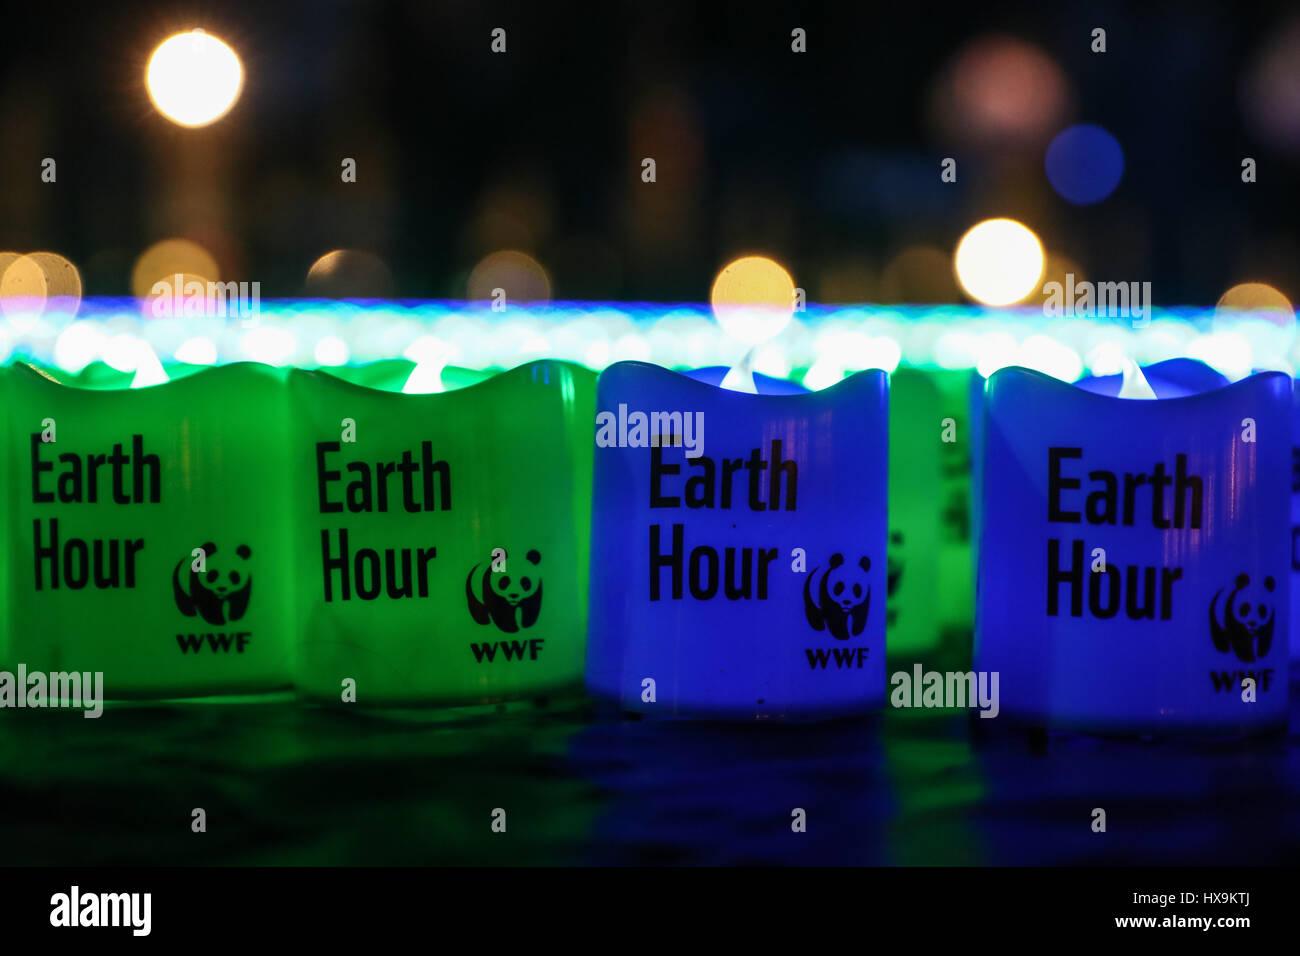 Berlin. Mar 25, 2017. Photo prise le 25 mars 2017 montre des feux au mots 'Earth Hour' placé sur le sol pour l'assemblée annuelle de l'événement Heure de la Terre à Berlin, capitale de l'Allemagne. Credit: Shan Yuqi/Xinhua/Alamy Live News Banque D'Images